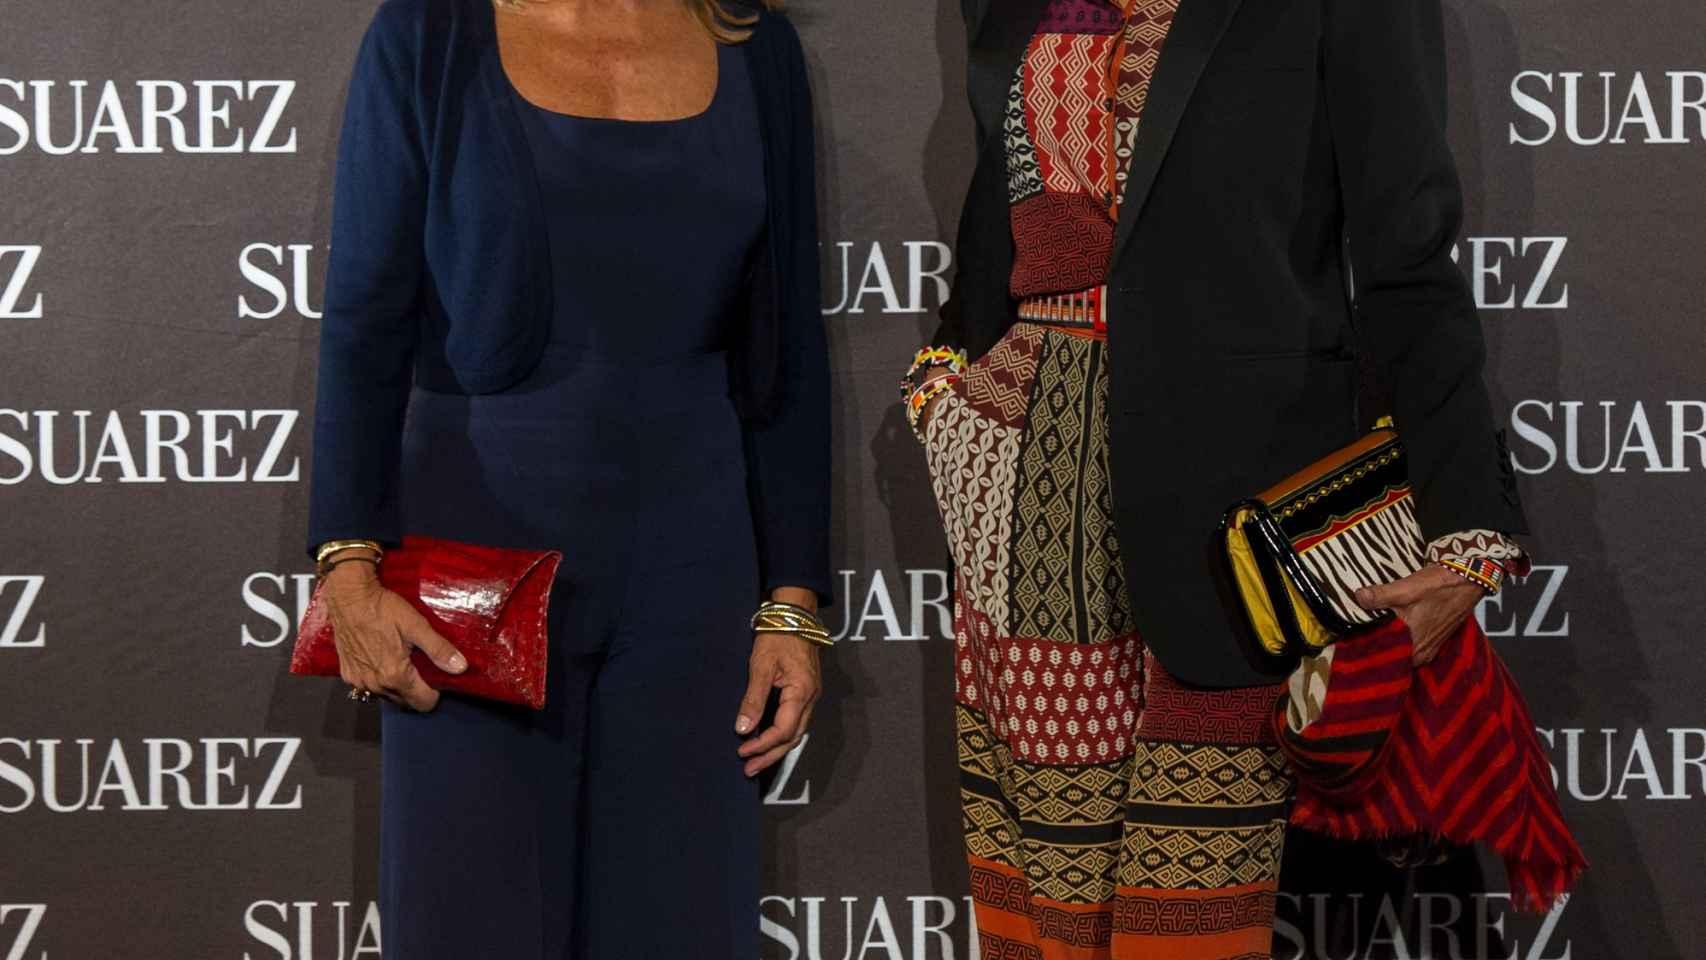 Cari Lapique y Naty Abascal en la inauguración de la joyería Suárez